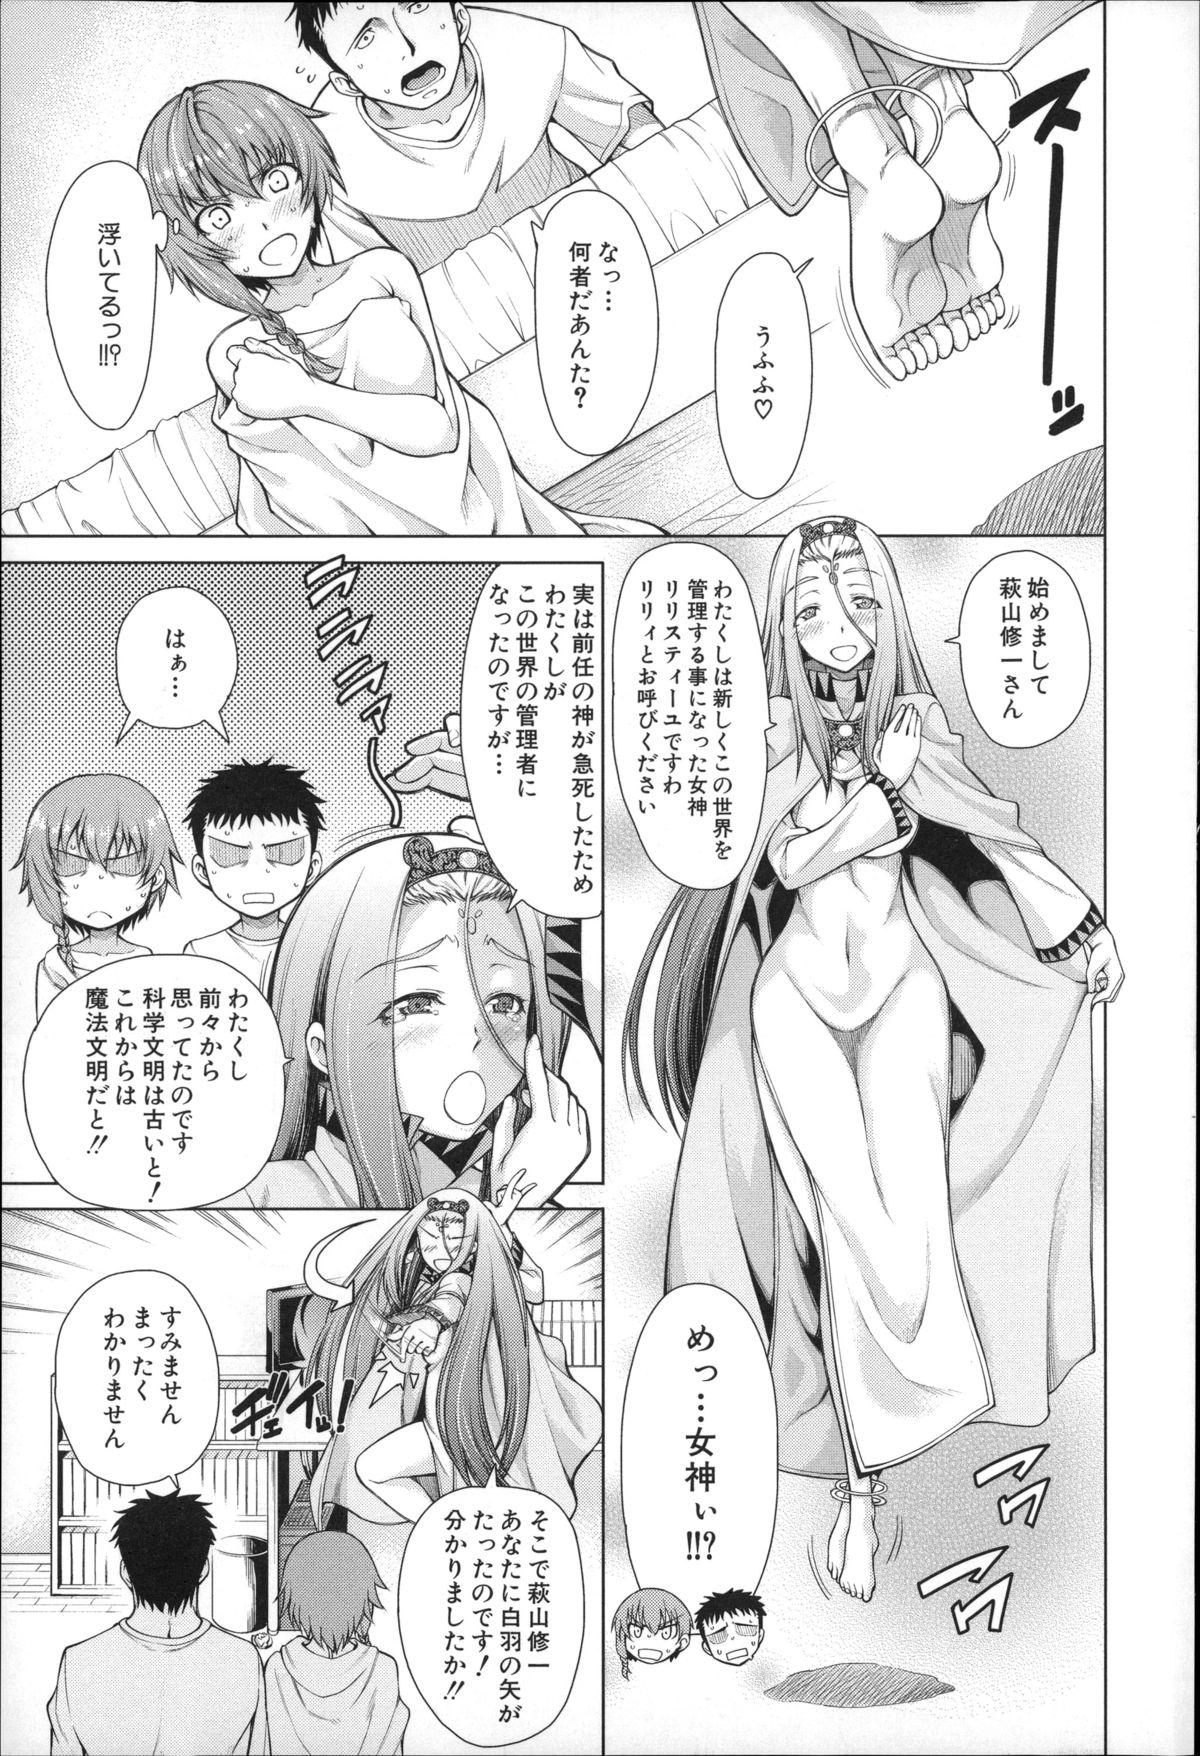 Migite ga Bishoujo ni Natta kara Sex Shita kedo Doutei dayone!! 9